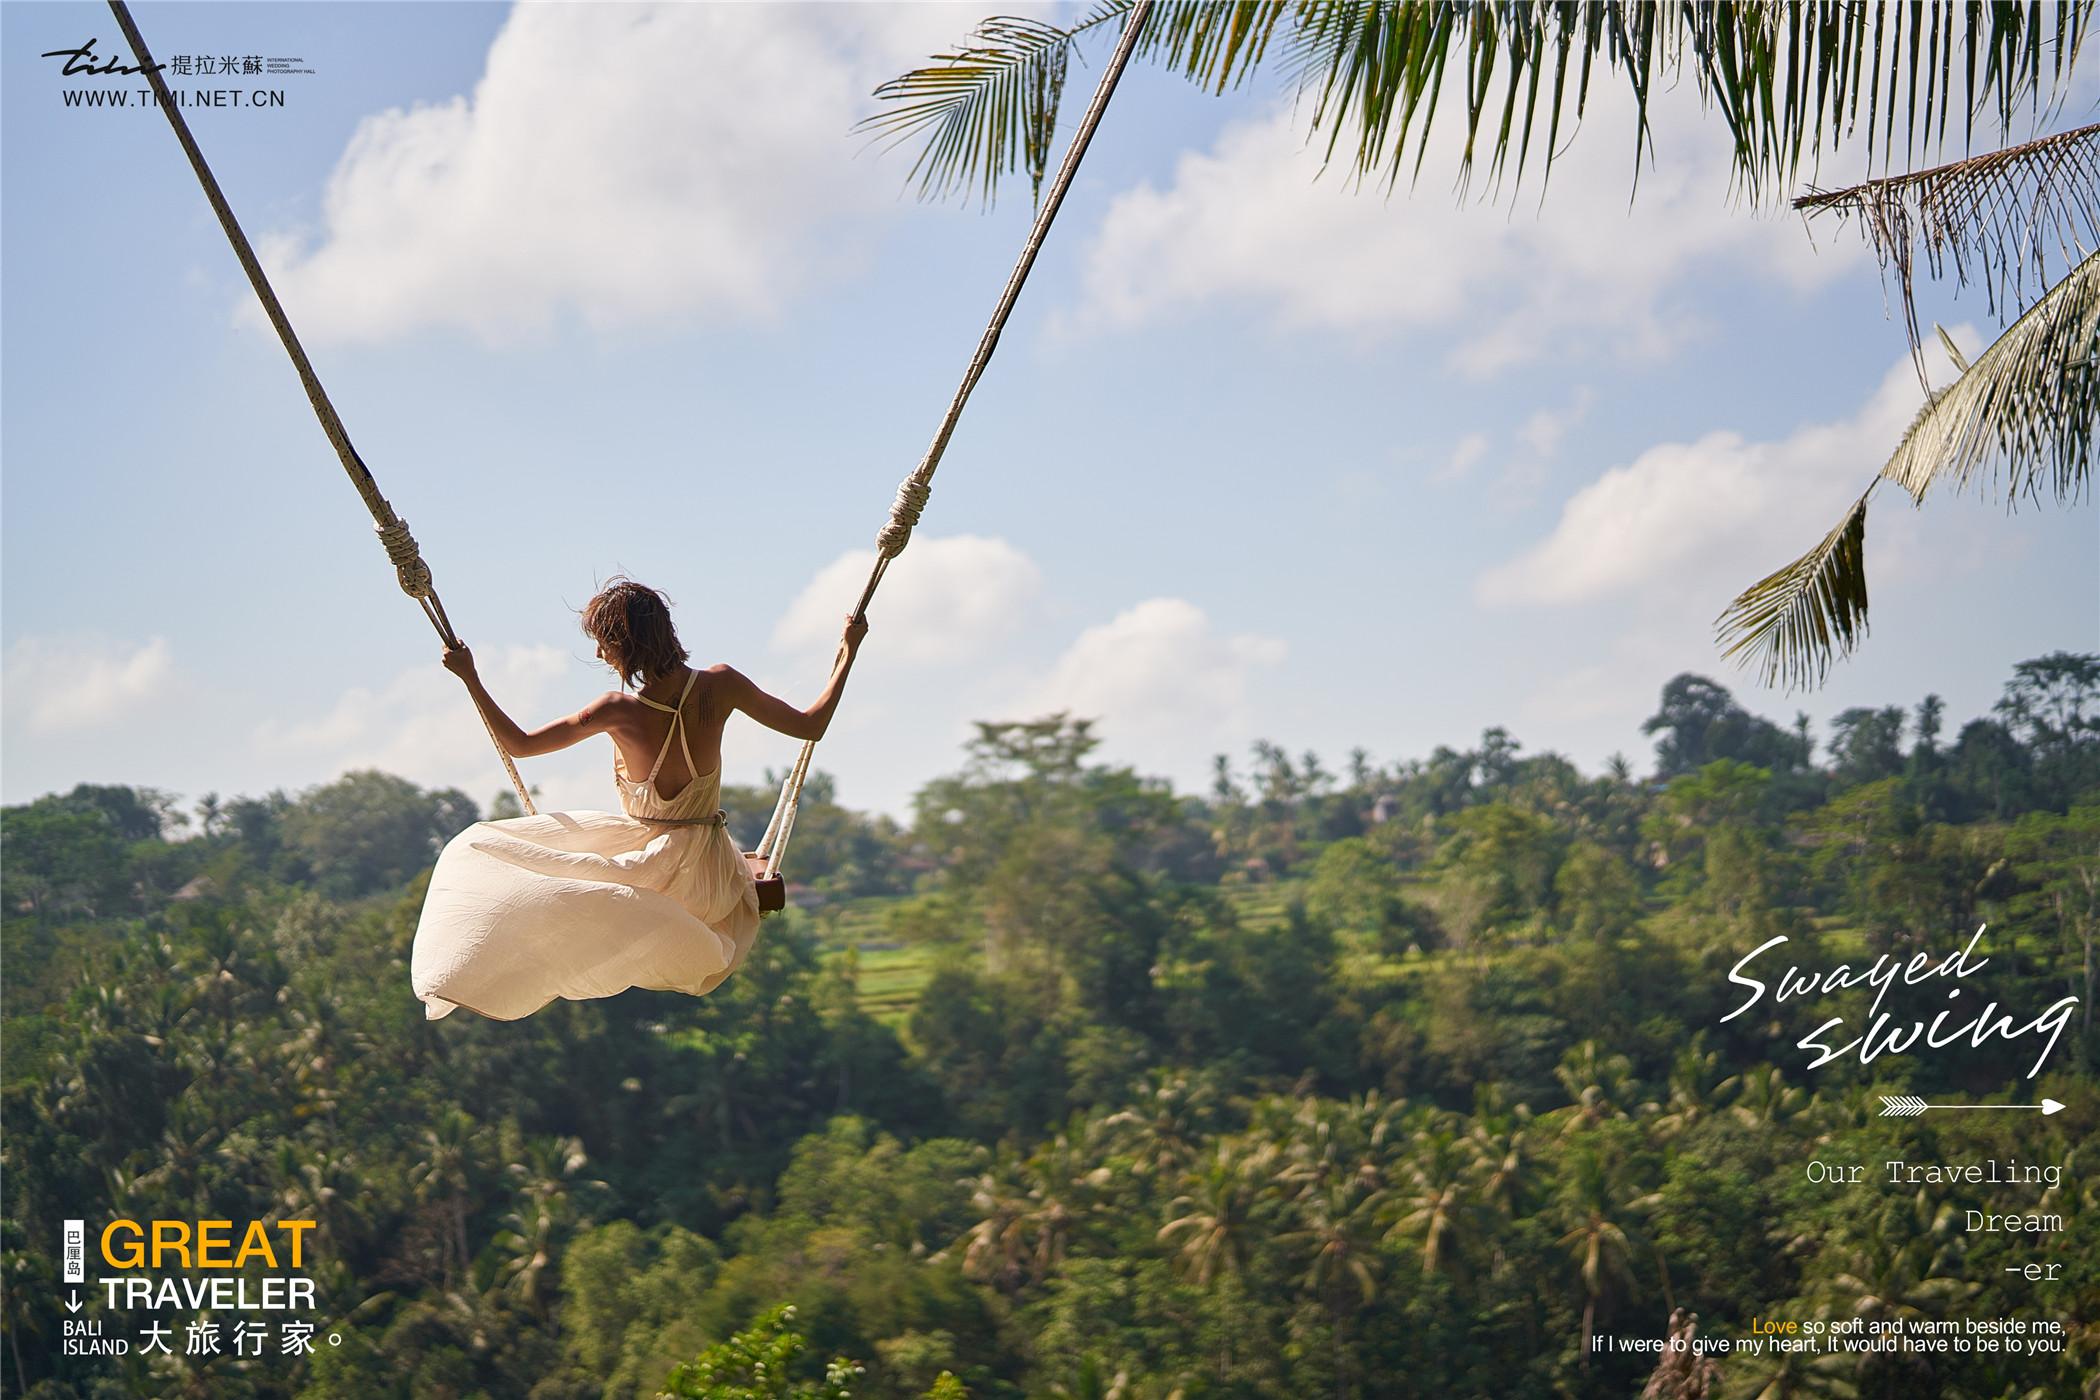 巴厘岛旅拍特色景点推荐